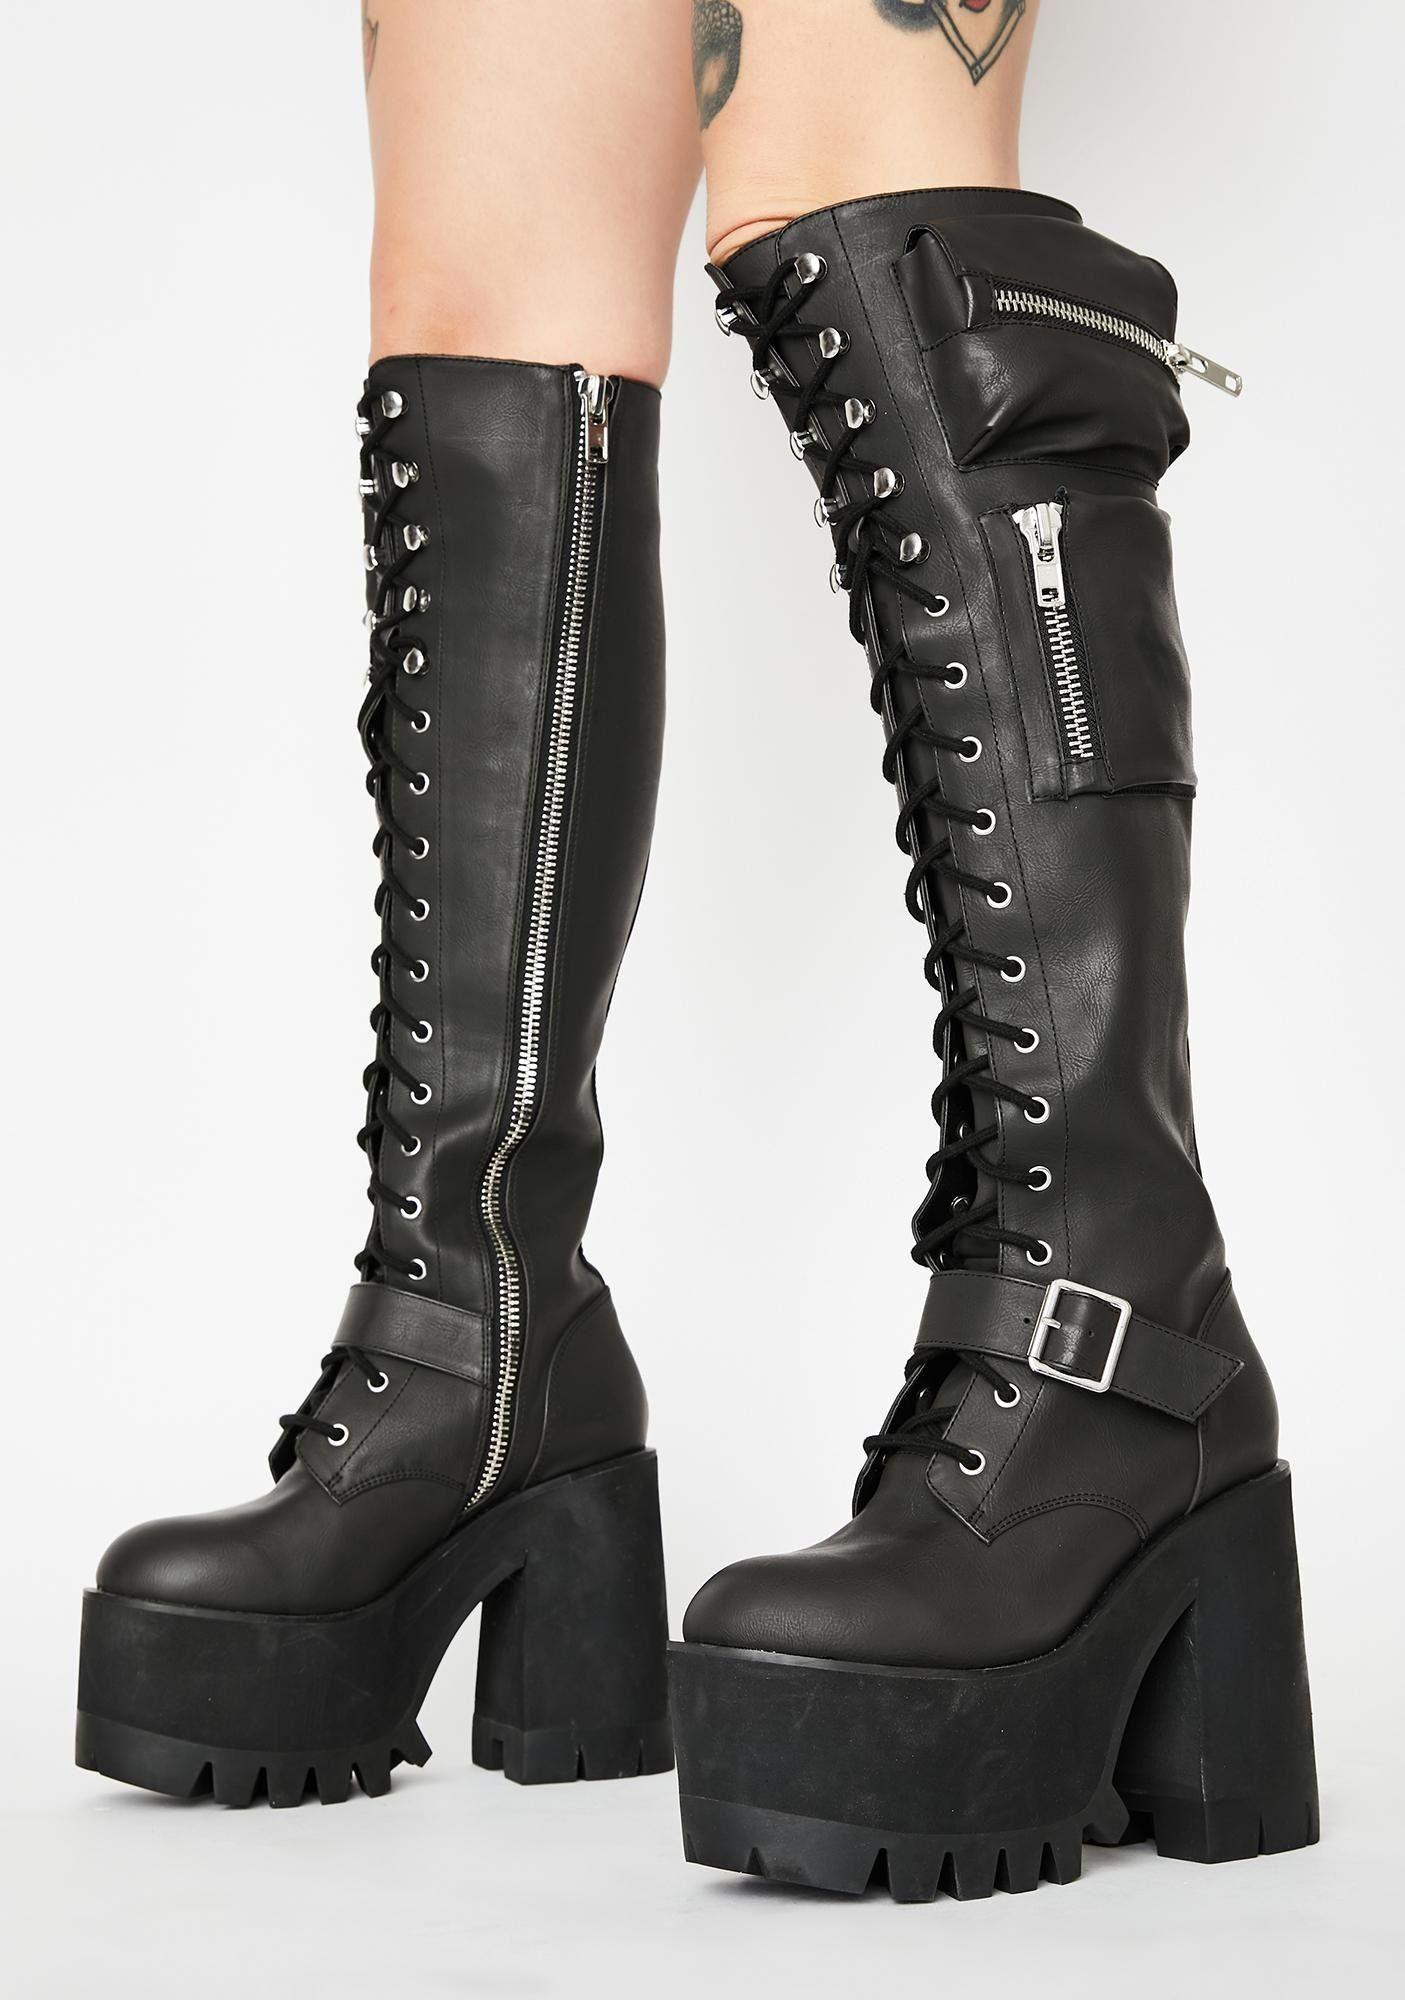 Boots, Combat boots, Platform boots